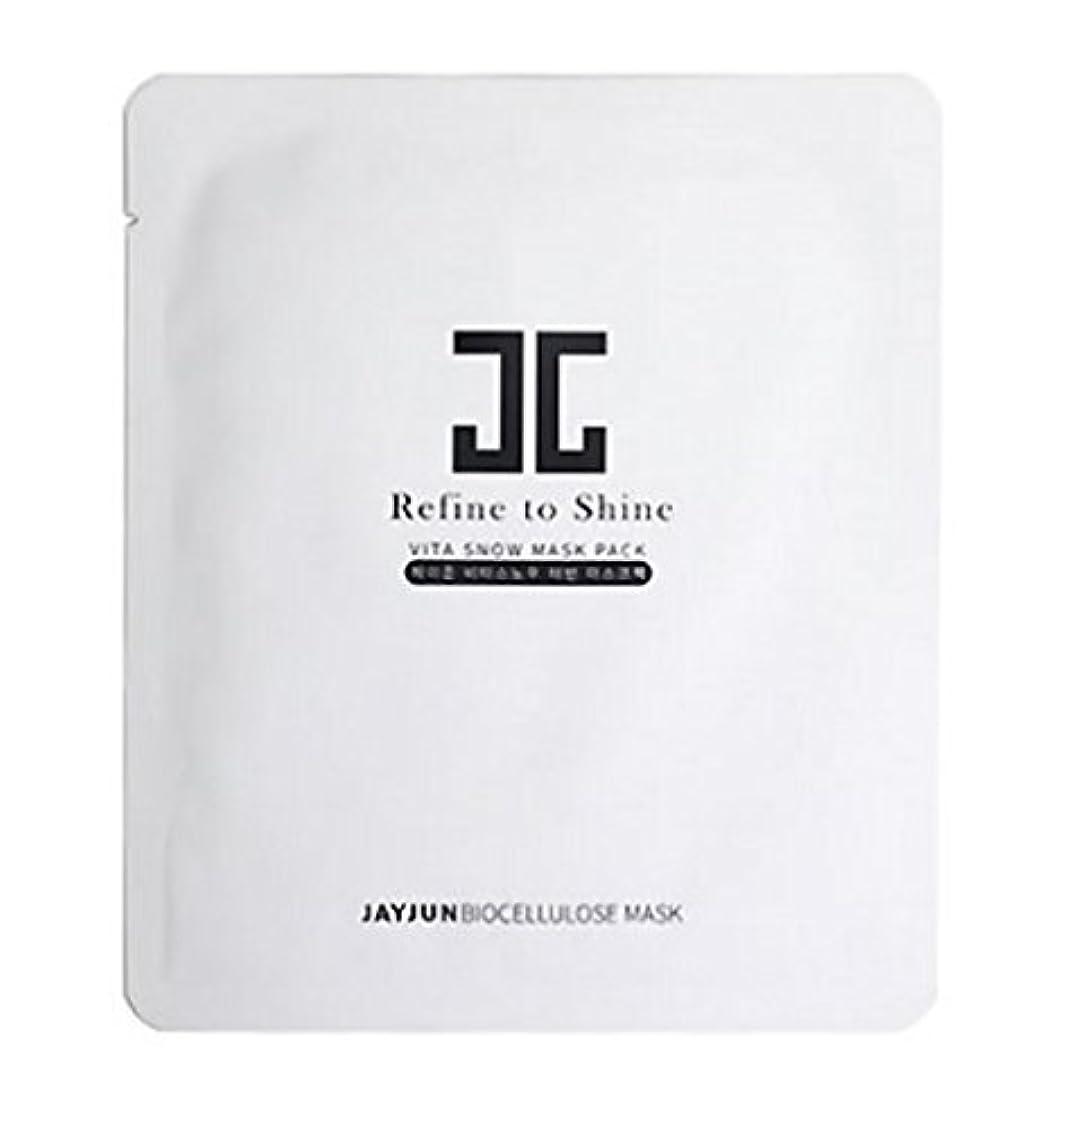 キウイ過敏なぬれたJAYJUN ジェイジュン ヴィタスノー プレミアム バイオセルロース プラセンタフェイシャルマスク[5枚入り]Vita Snow Premium Bio Cellulose placenta Facial Mask [...